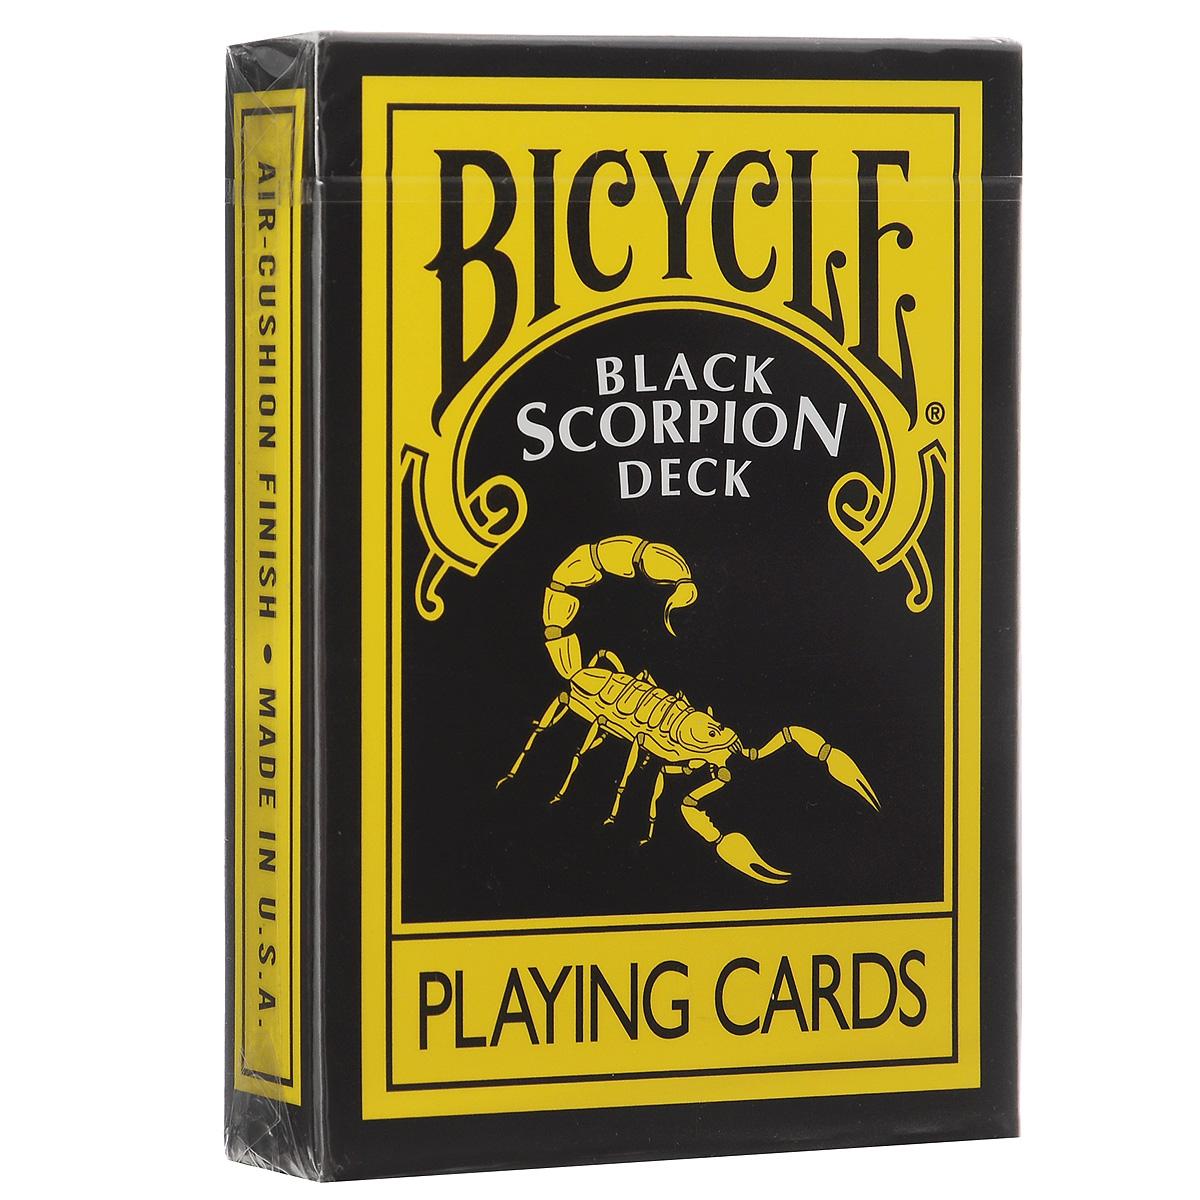 Карты игральные Bicycle Scorpion Deck, цвет: черный, желтый игральные карты bicycle spectrum deck цвет мультиколор 56 шт